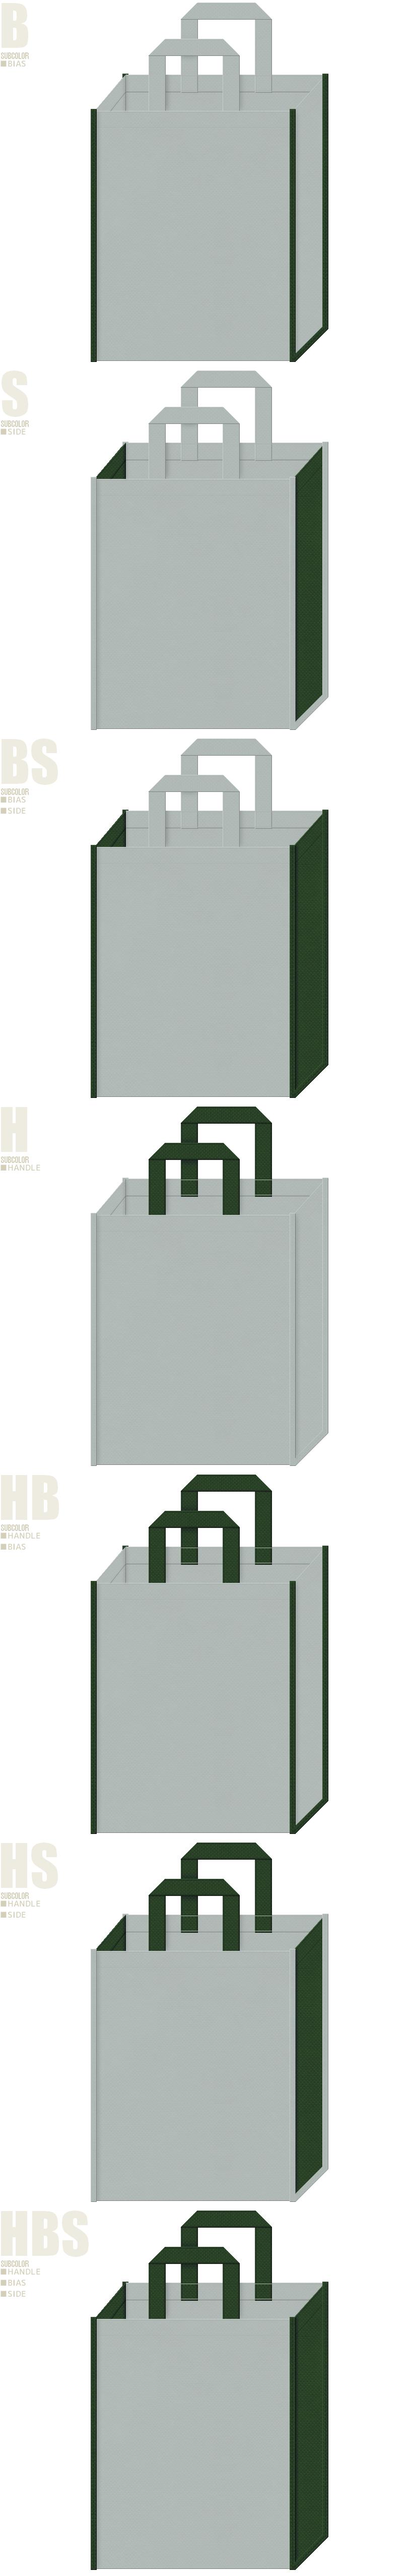 緑化地域・緑化イベント・緑化ブロック・CO2削減・屋上緑化・壁面緑化・建築・設計・エクステリアのイベントにお奨めの不織布バッグデザイン:グレー色と濃緑色の配色7パターン